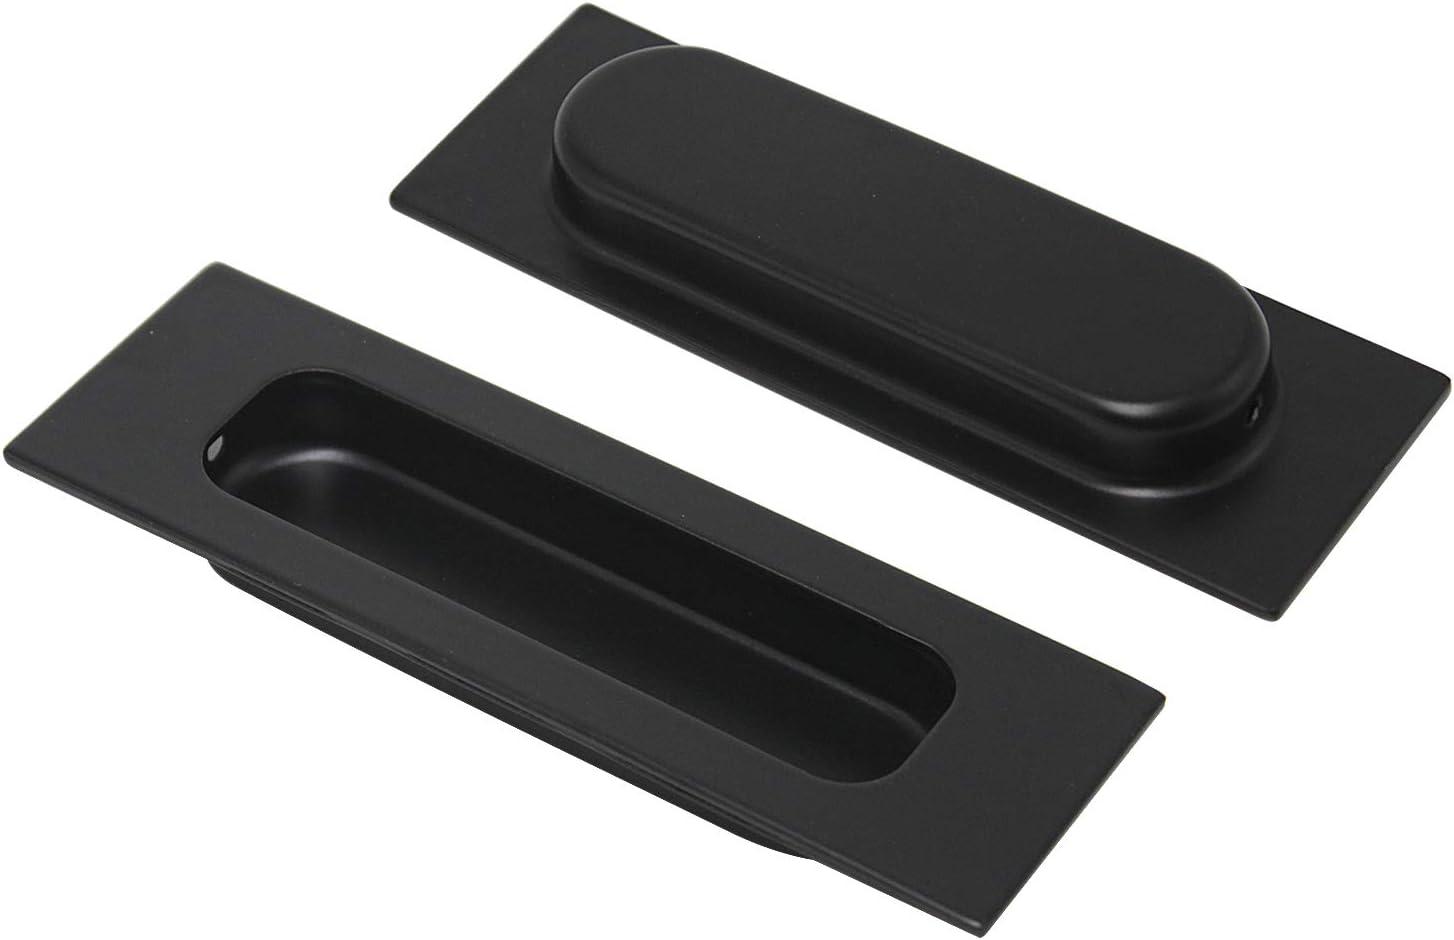 Pinson 007 Poign/ée de porte coulissante rectangulaire en acier inoxydable Noir 10,2 x 2,4 cm